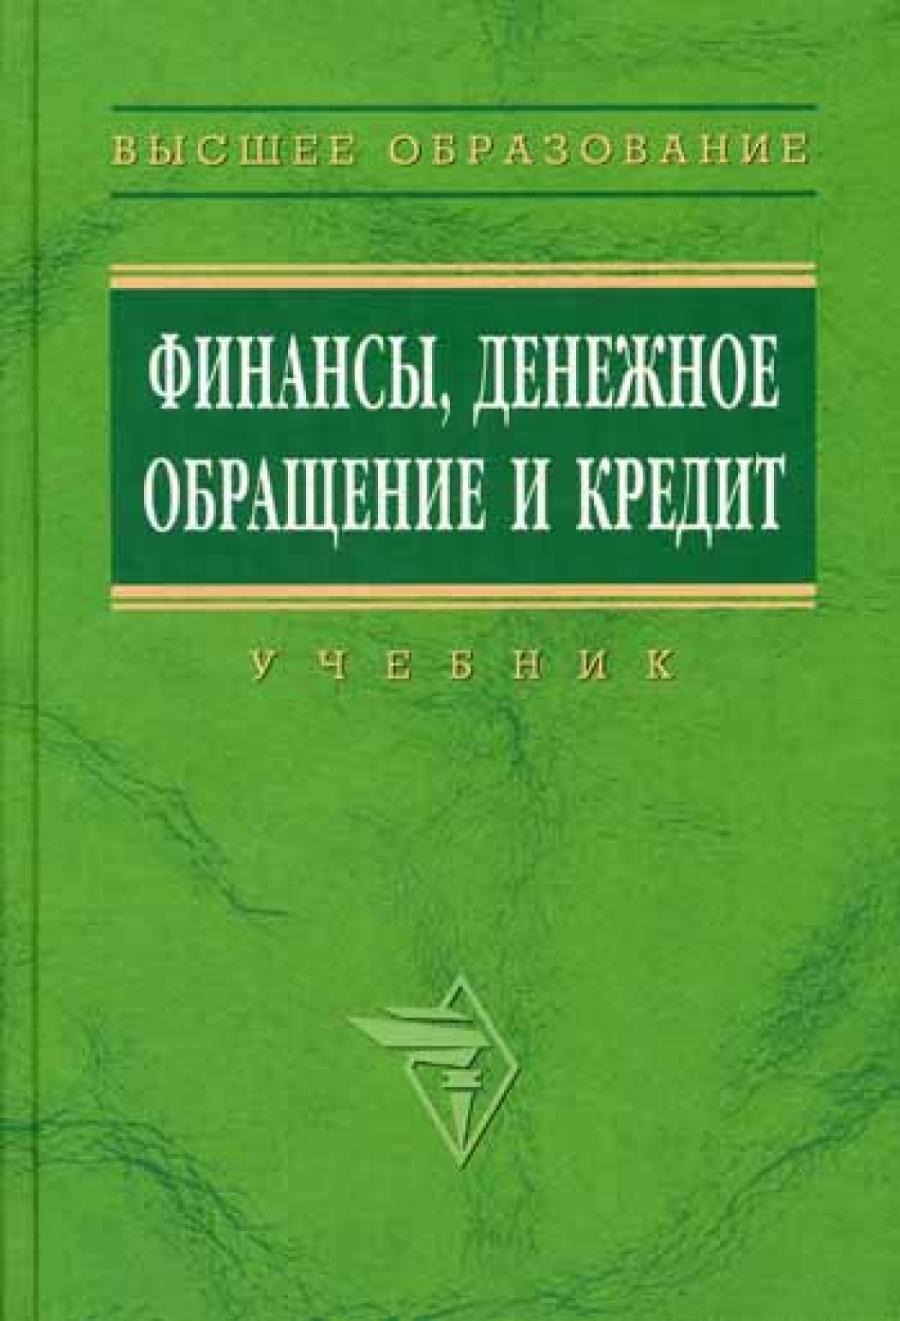 Обложка книги:  самсонов н.ф. - финансы, денежное обращение и кредит